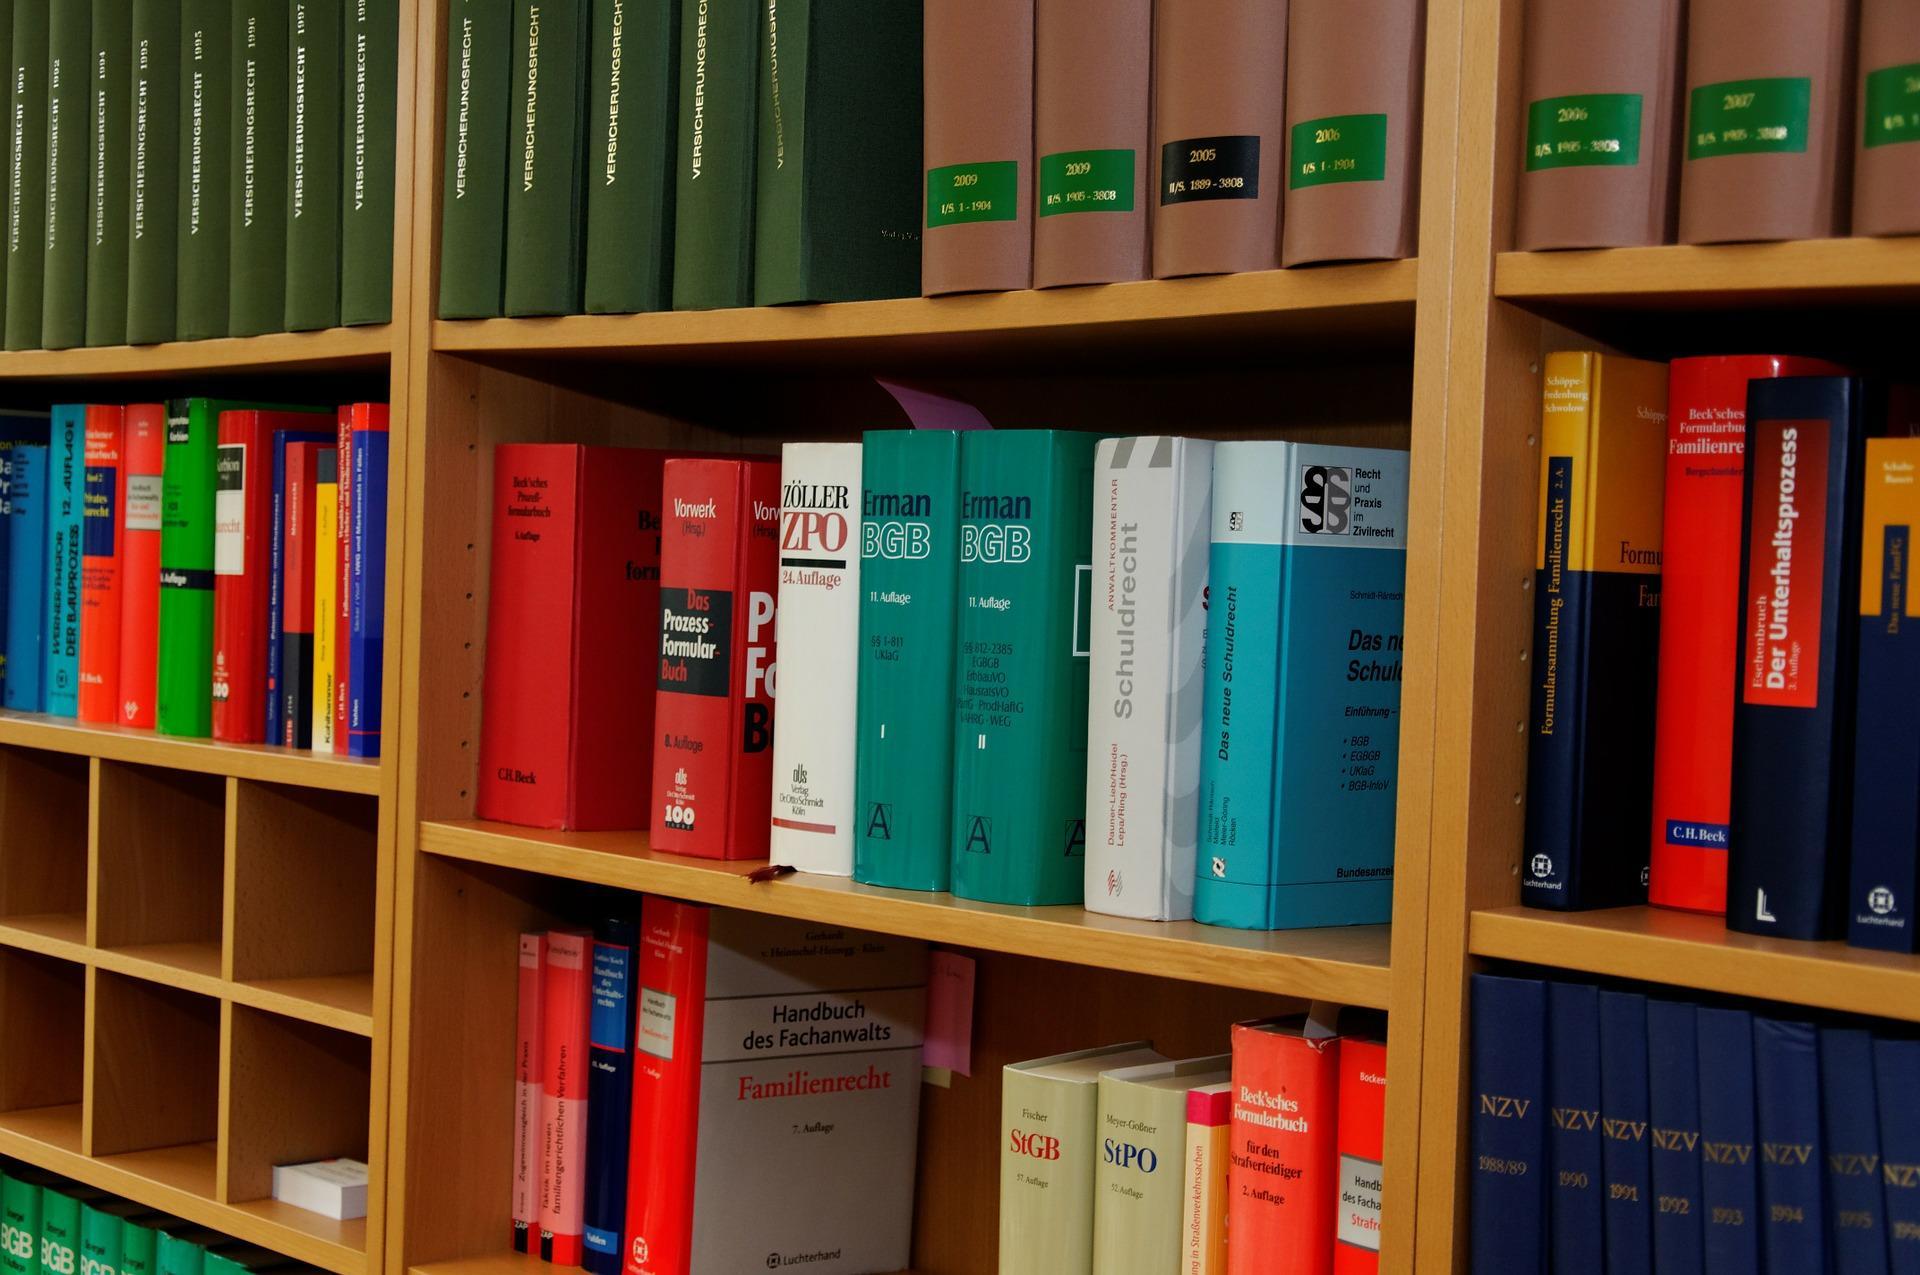 Höchstalter für die Wählbarkeit hauptamtlicher Bürgermeister und Landräte in Bayern